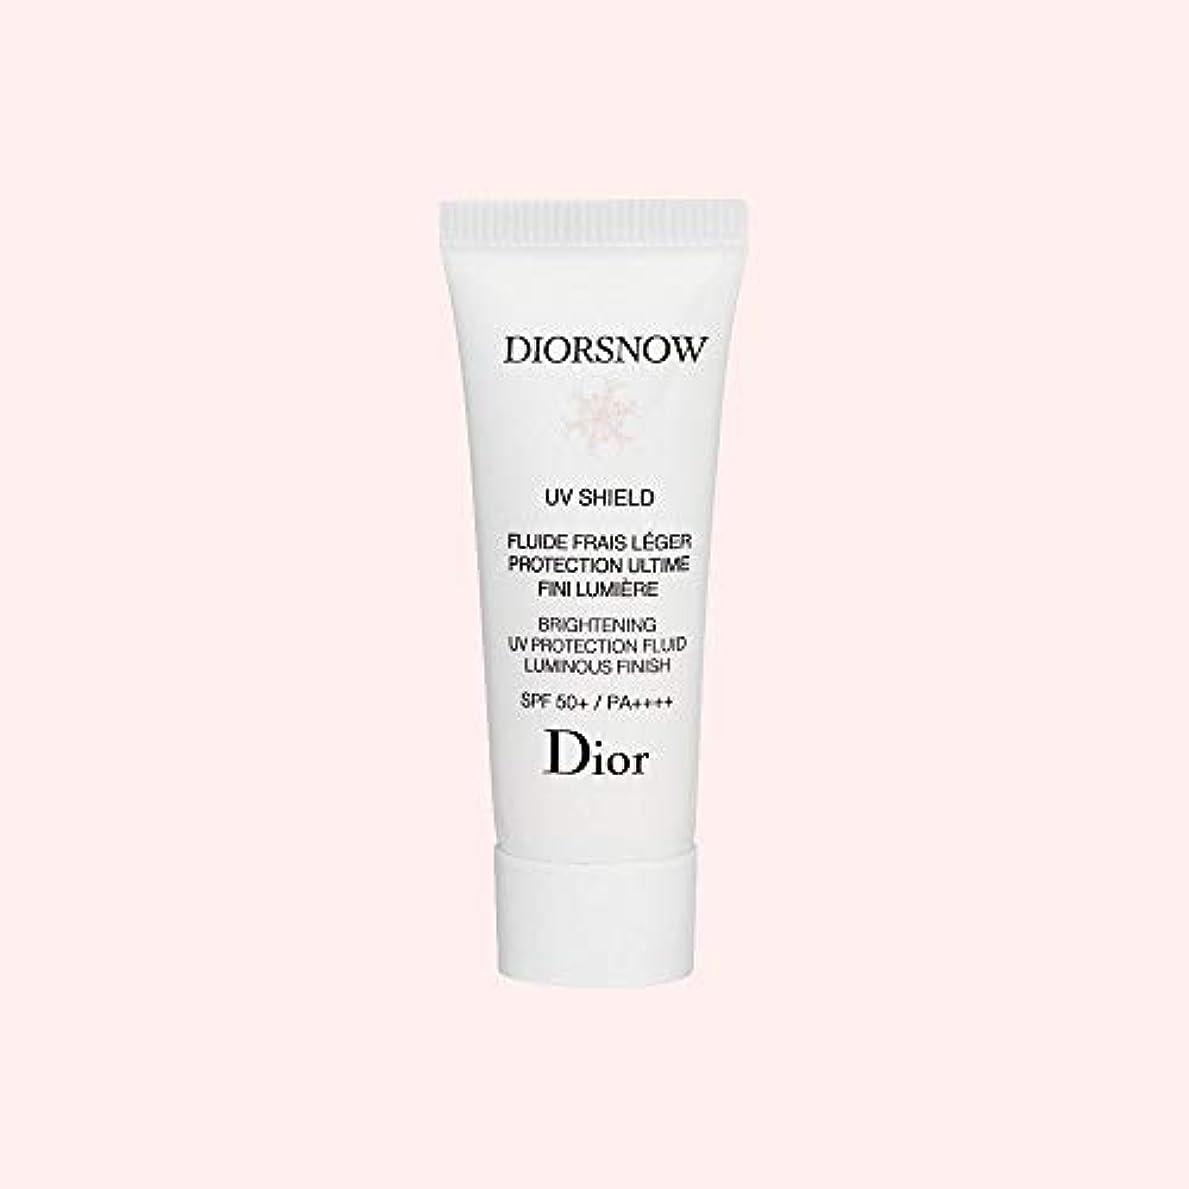 溶融水連隊ディオール(Dior) 【ミニサイズ】ディオール スノー ブライトニング UVプロテクション 50+ 【数量限定激安!】 [並行輸入品]